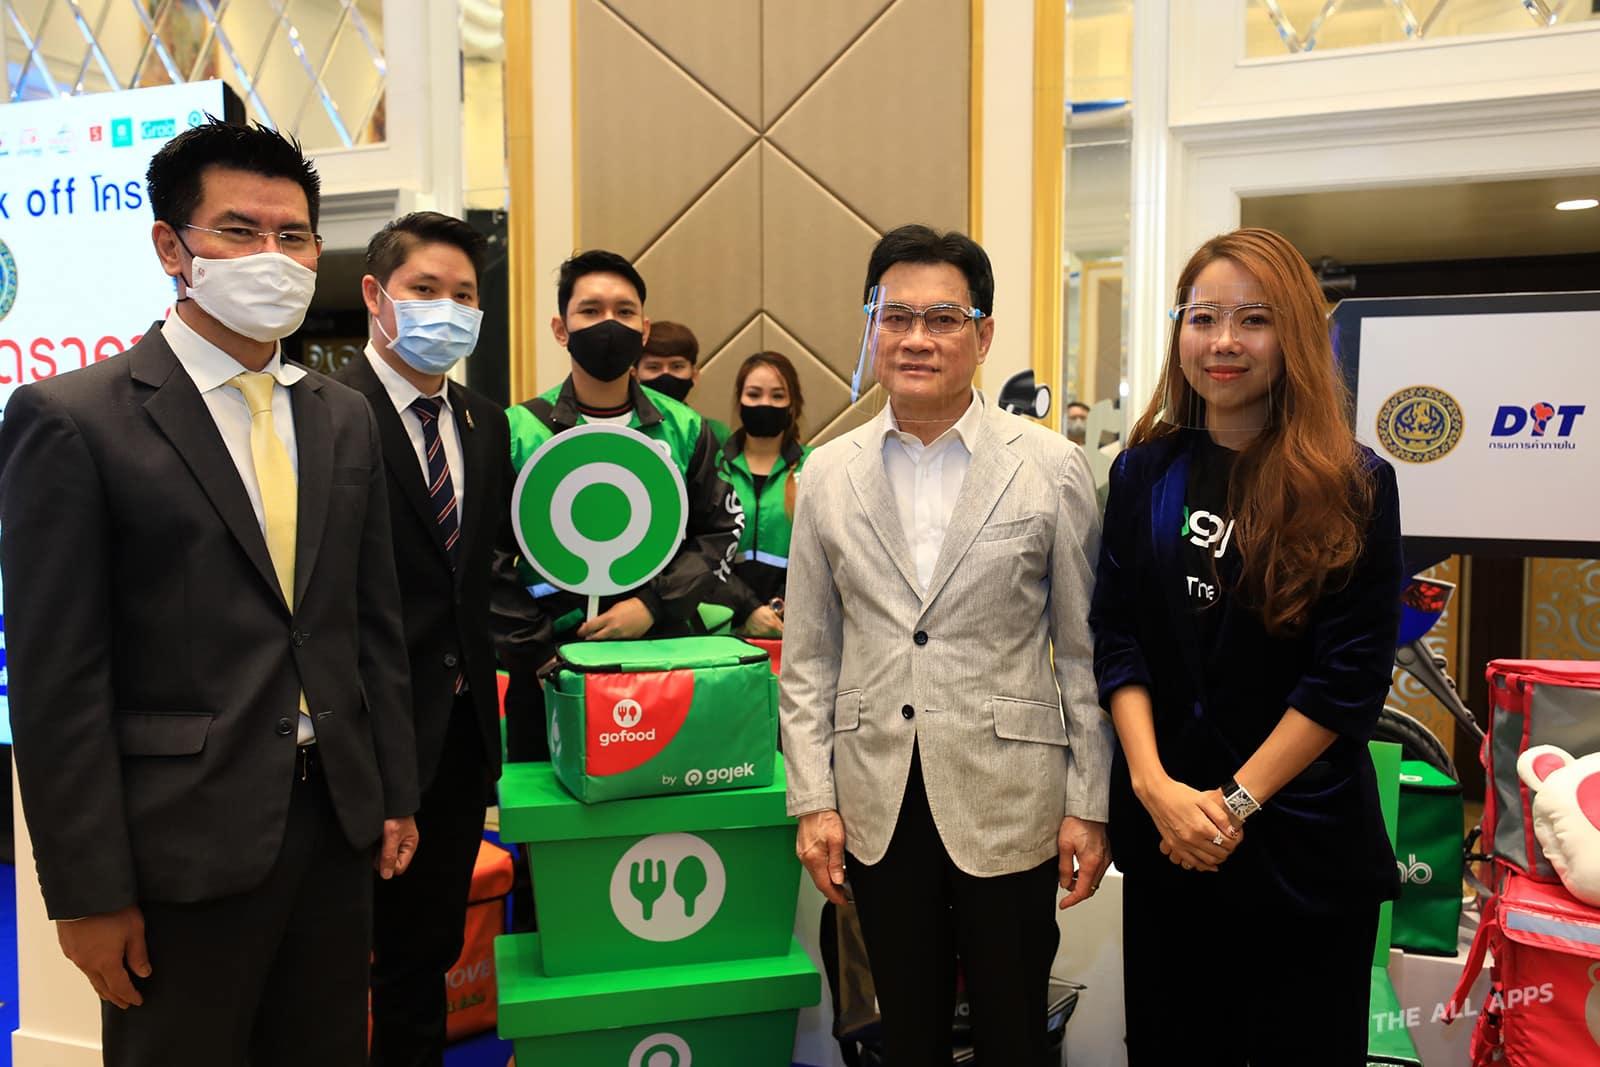 Gojek สนับสนุนกระทรวงพาณิชย์ ลดภาระผู้บริโภคช่วงโควิด-19 เข้าร่วมโครงการพาณิชย์ลดราคาช่วยประชาชน มอบส่วนลด 30% ทุกวัน